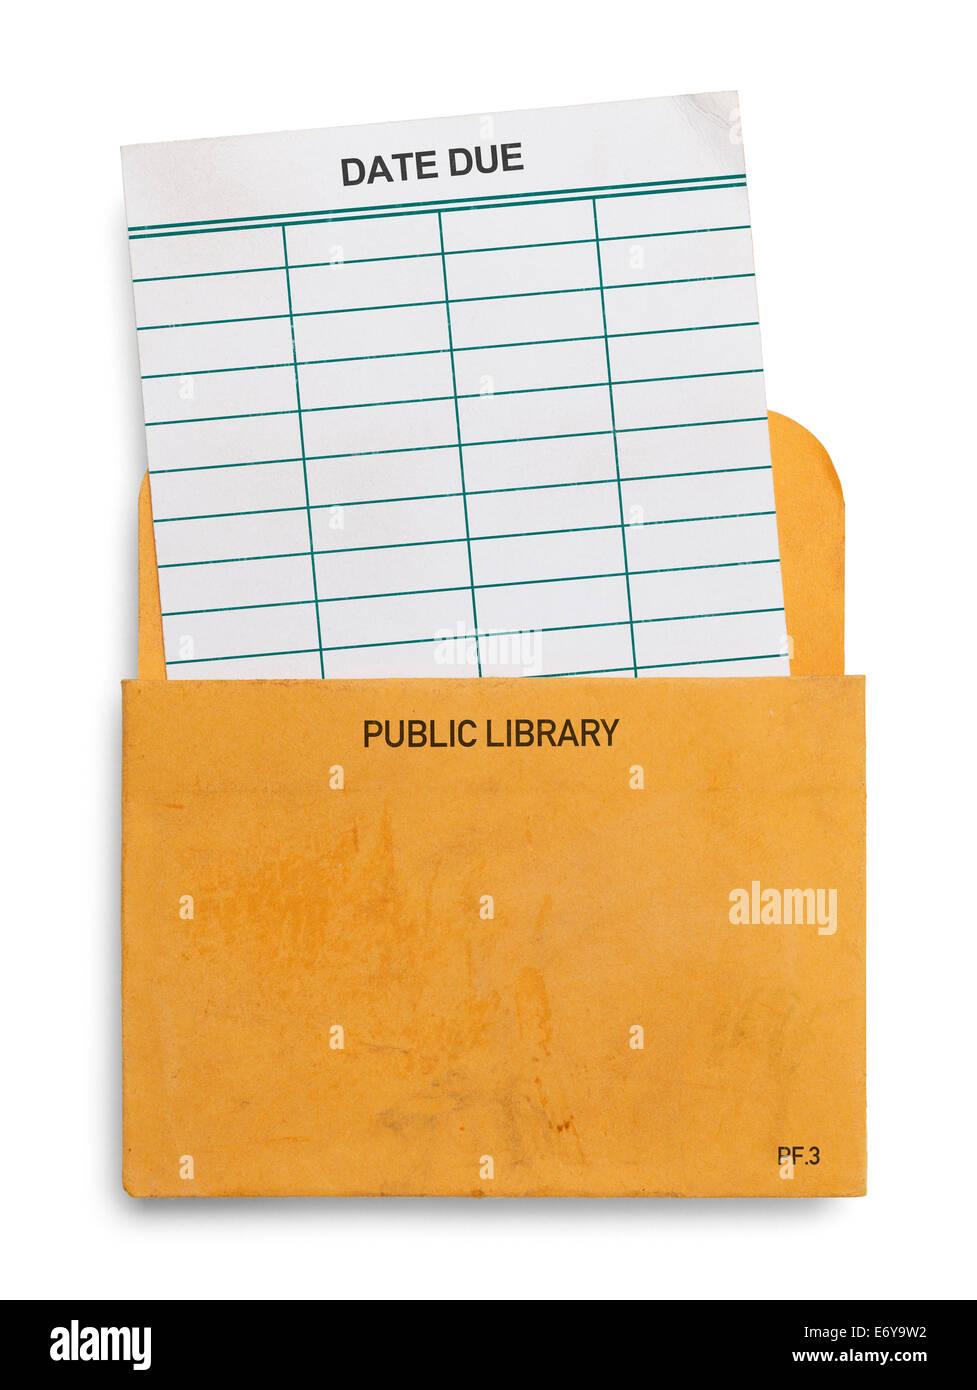 Libreria vuota Prenota Check Out Card isolato su sfondo bianco. Immagini Stock